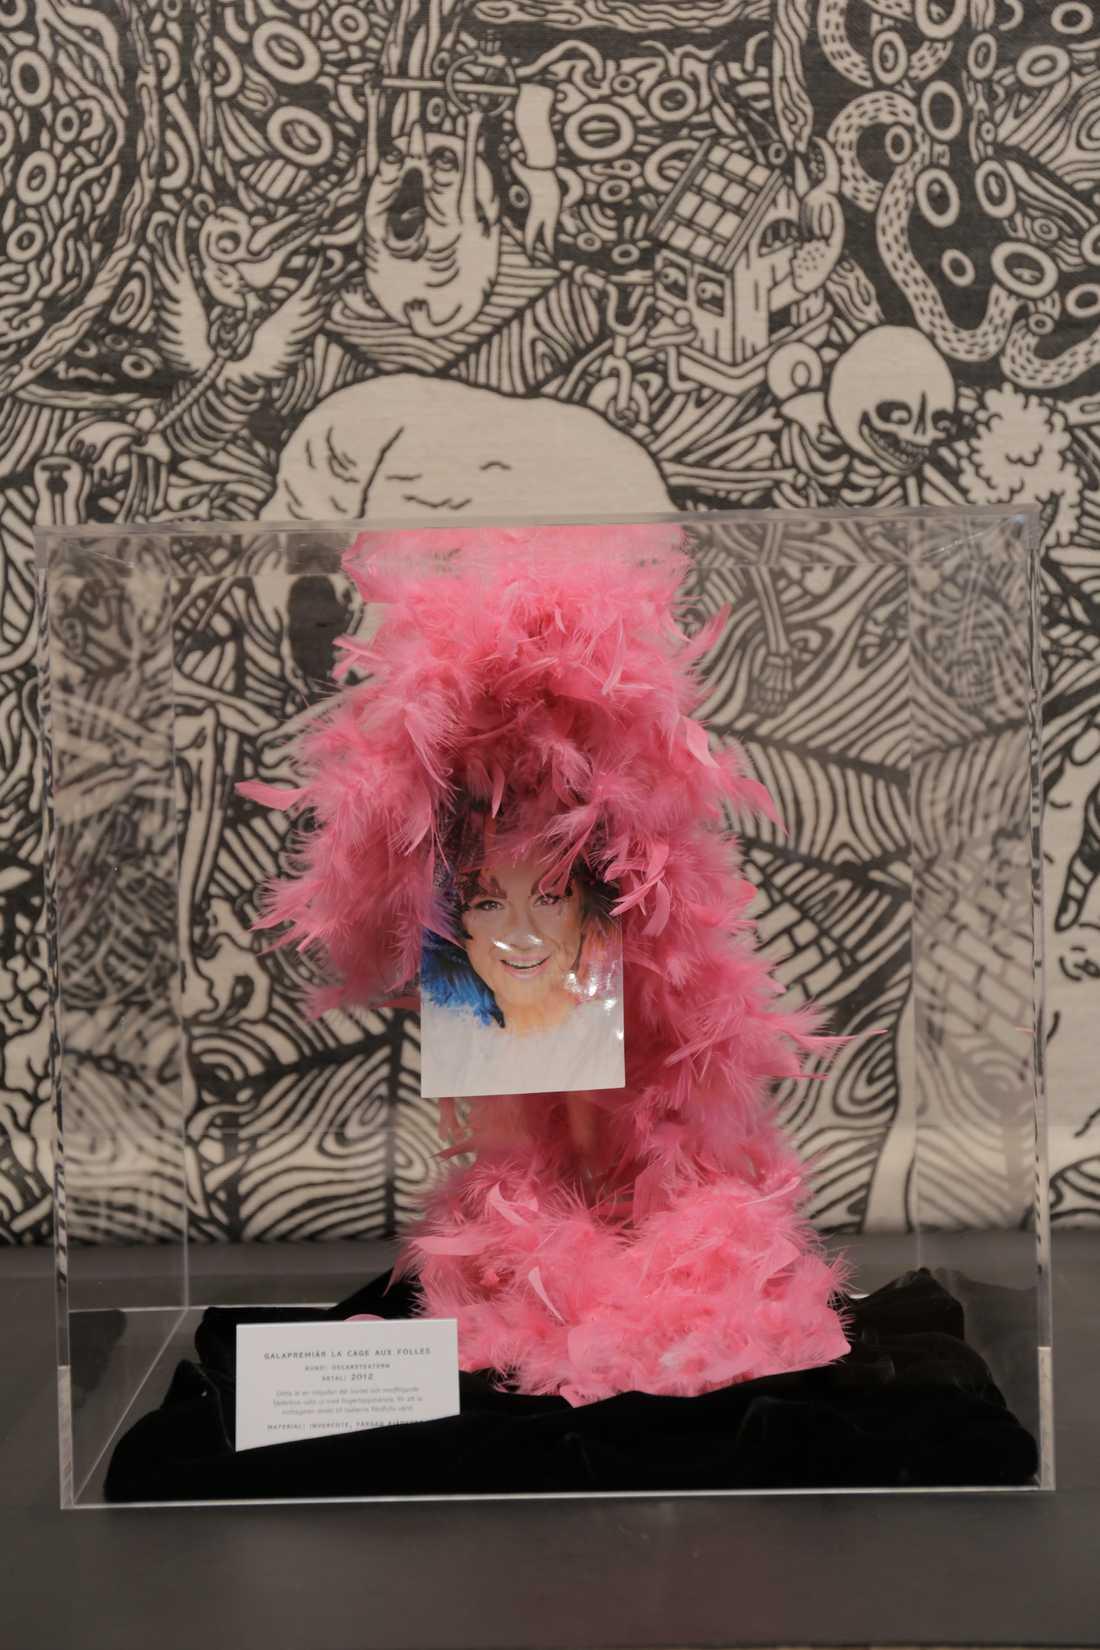 Fjäderboa för premiären av La cage aux folles vid Oscarsteatern 2012